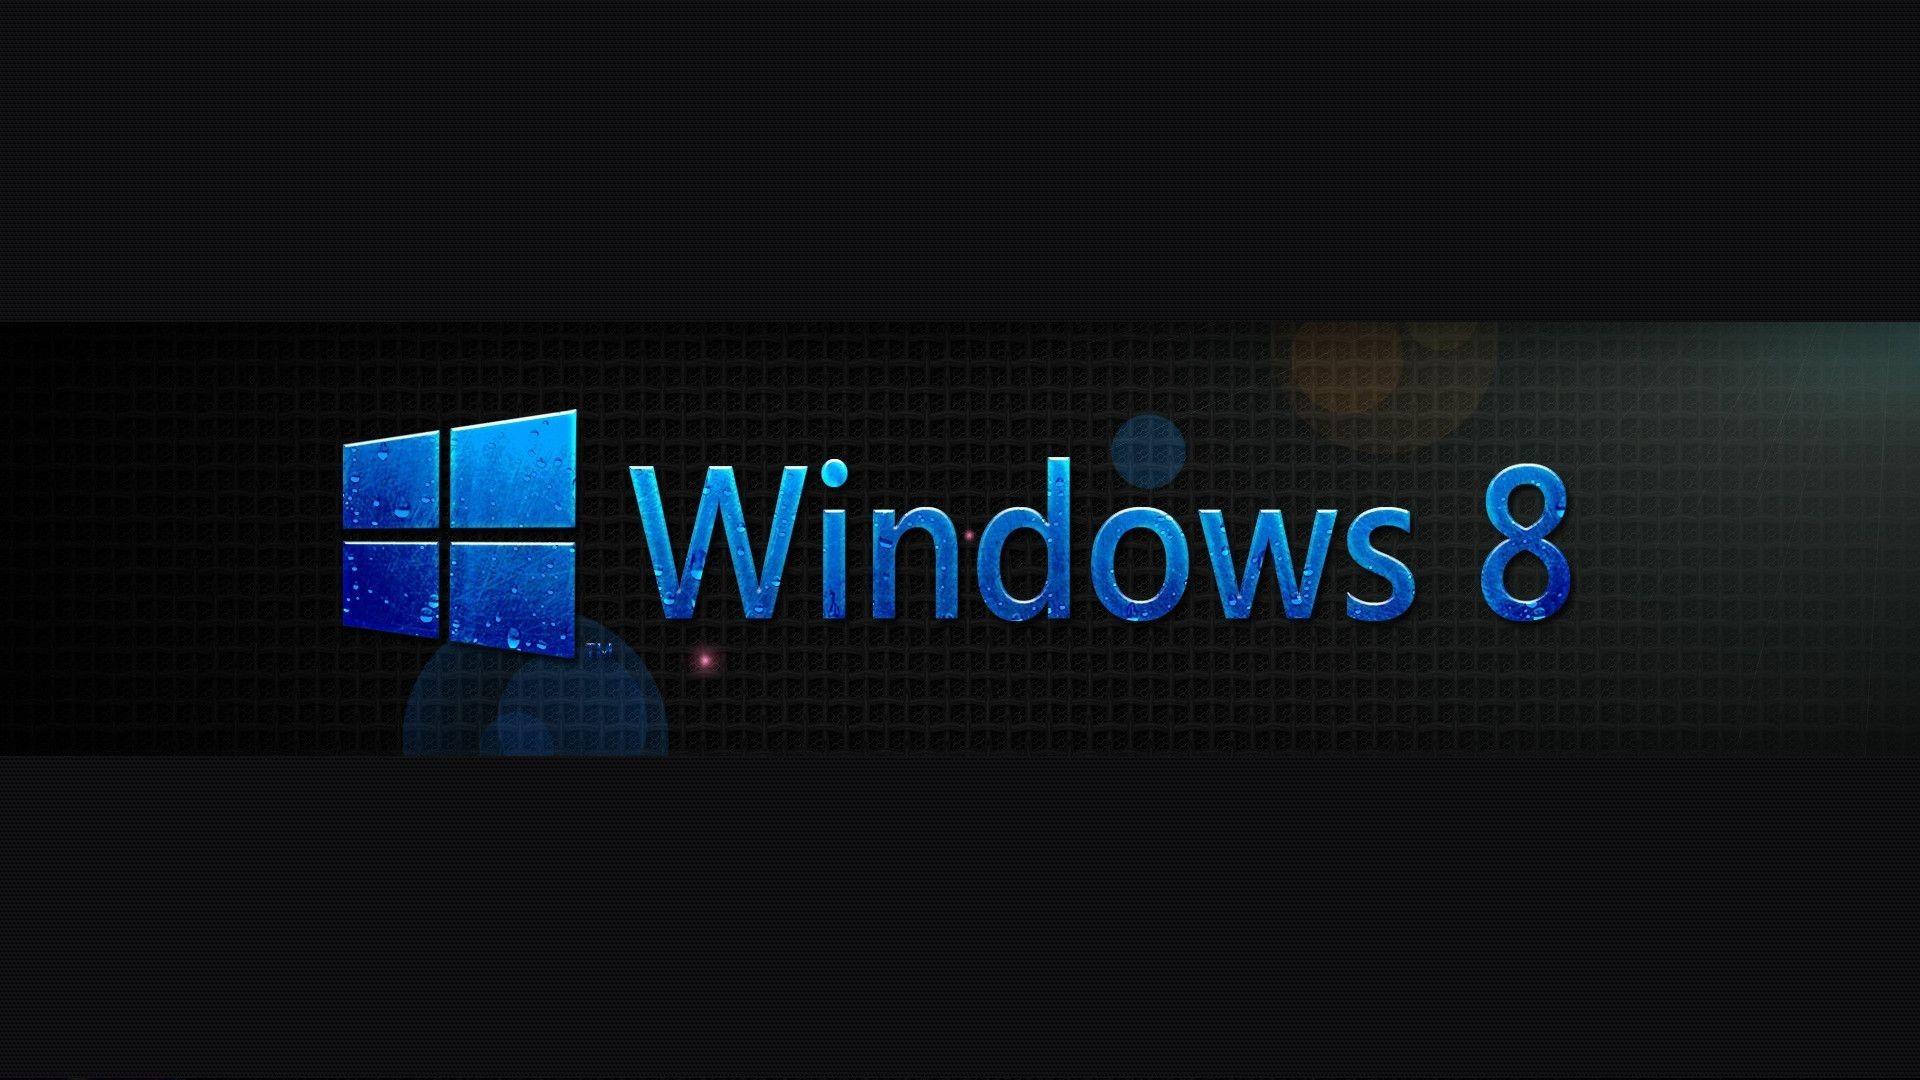 1920x1080 HDQ Windows 81 2016 4K Ultra HD